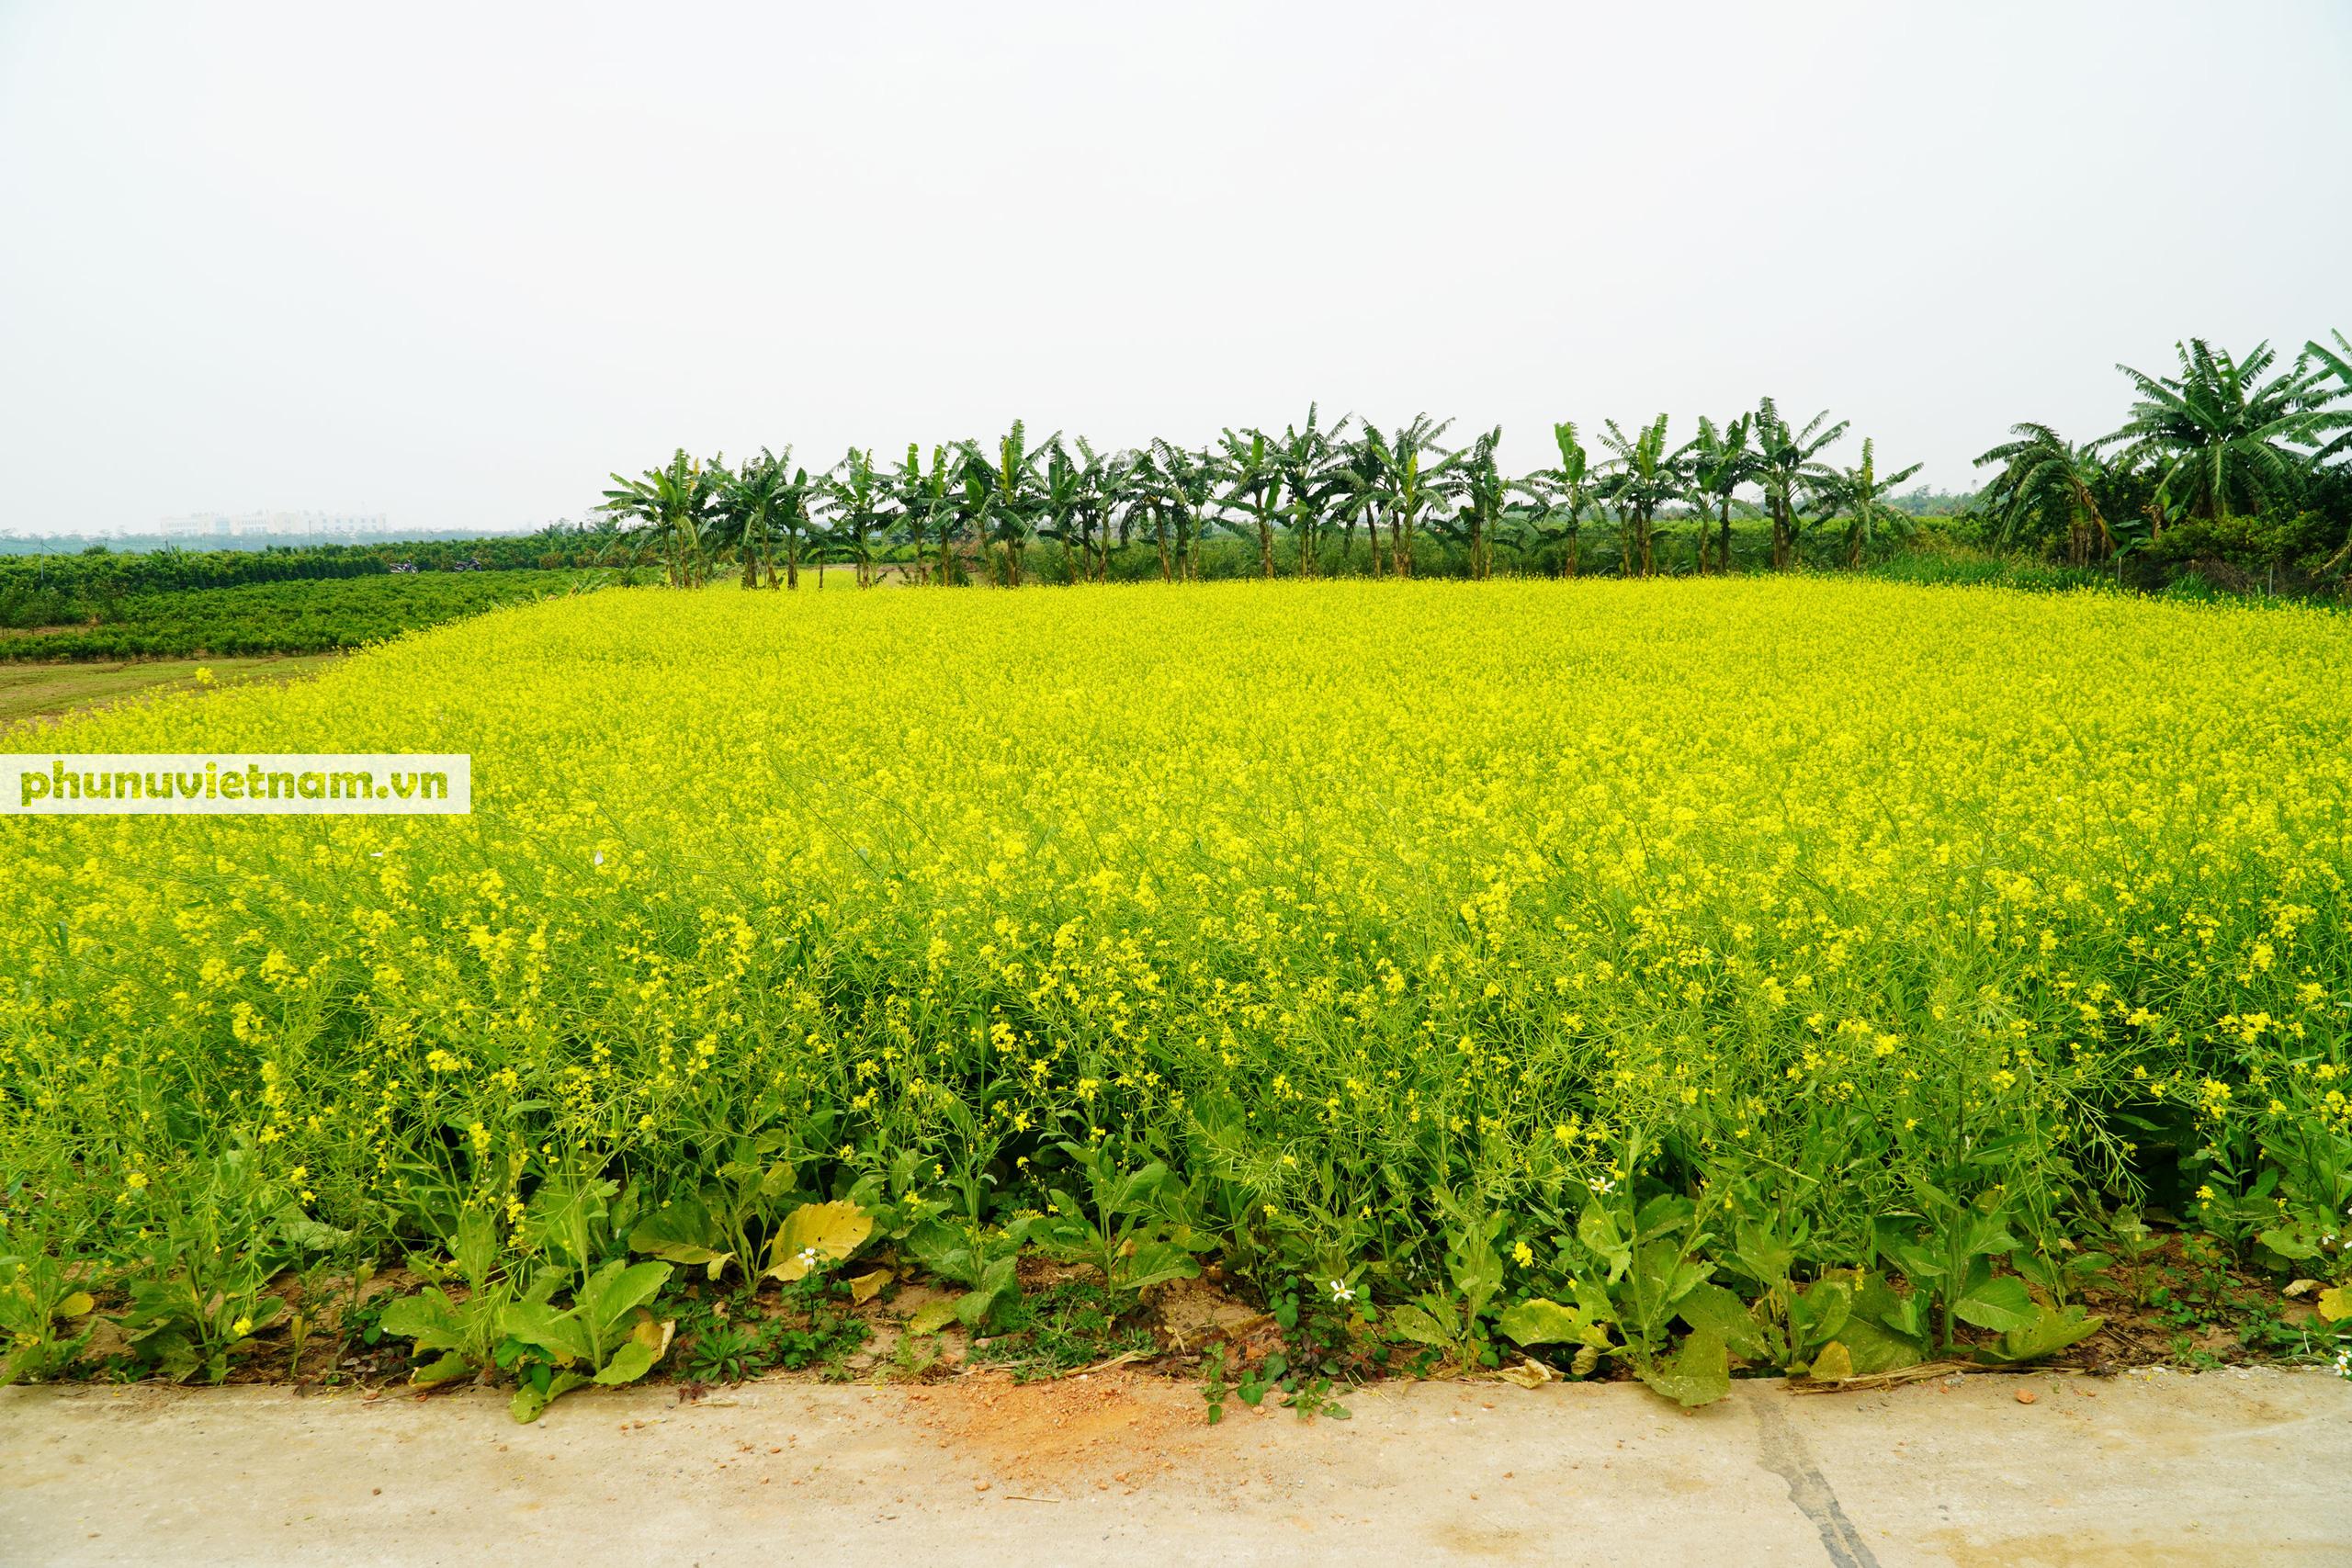 Thiếu nữ áo trắng đẹp hút lòng người trên cánh đồng hoa cải vàng ở Chi Đông - Ảnh 14.